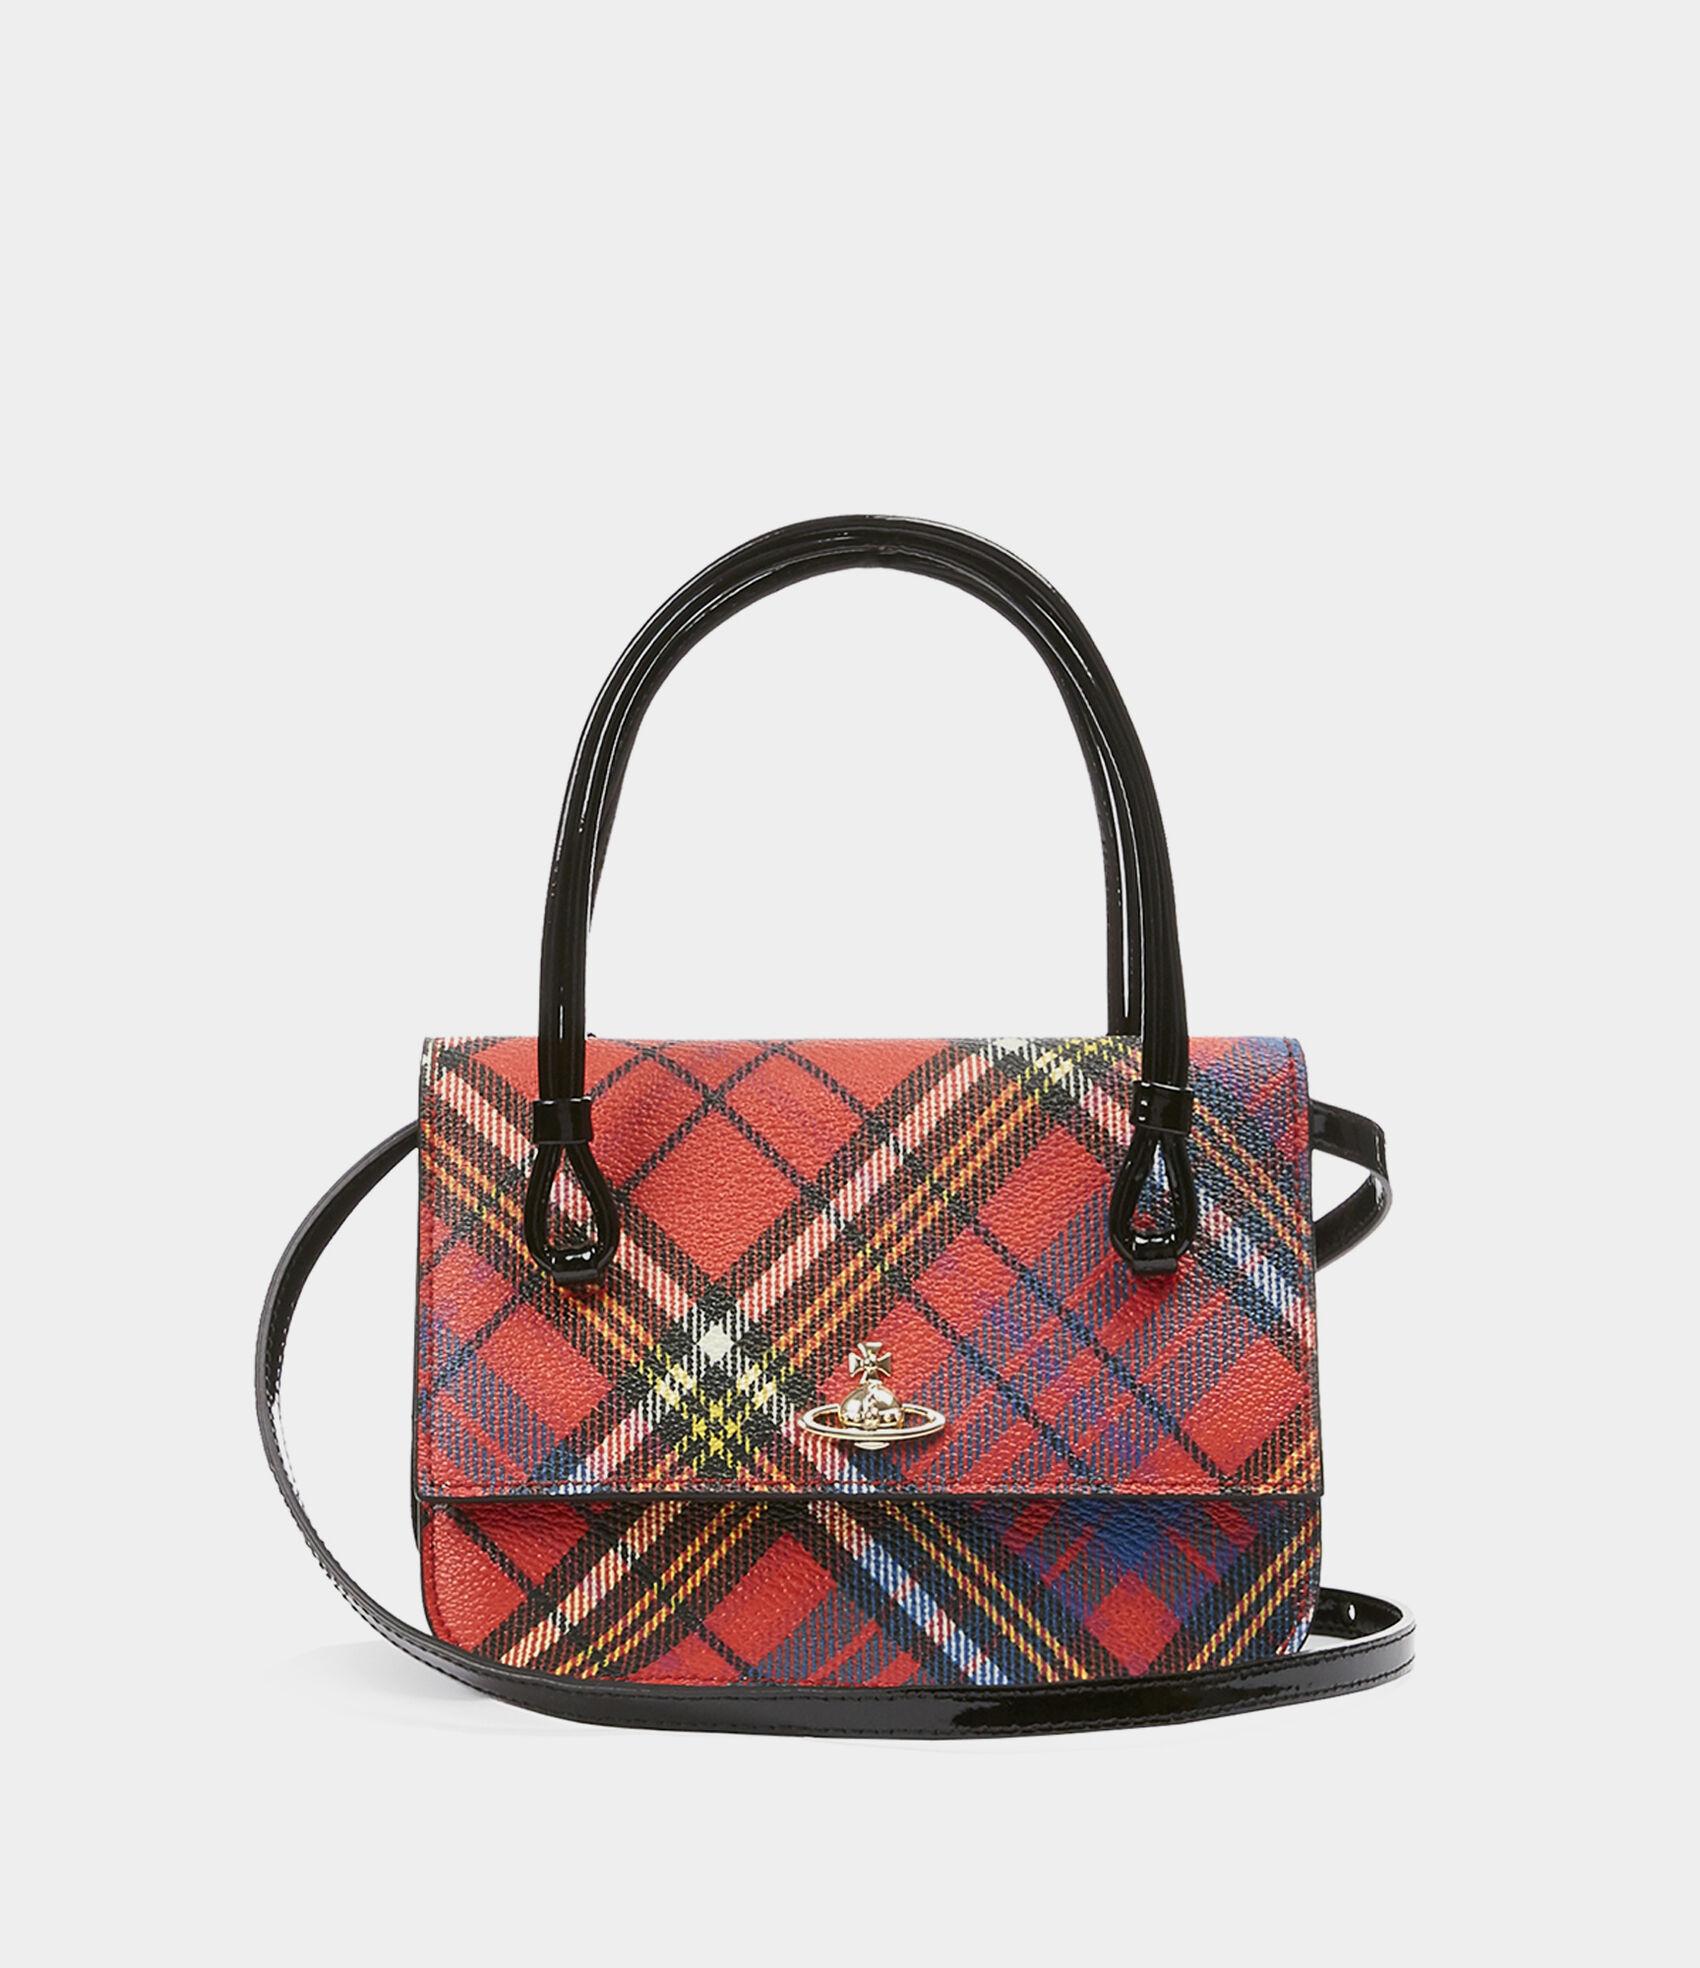 Vivienne Westwood Women s Designer Handbags  17fe4a1782d1f